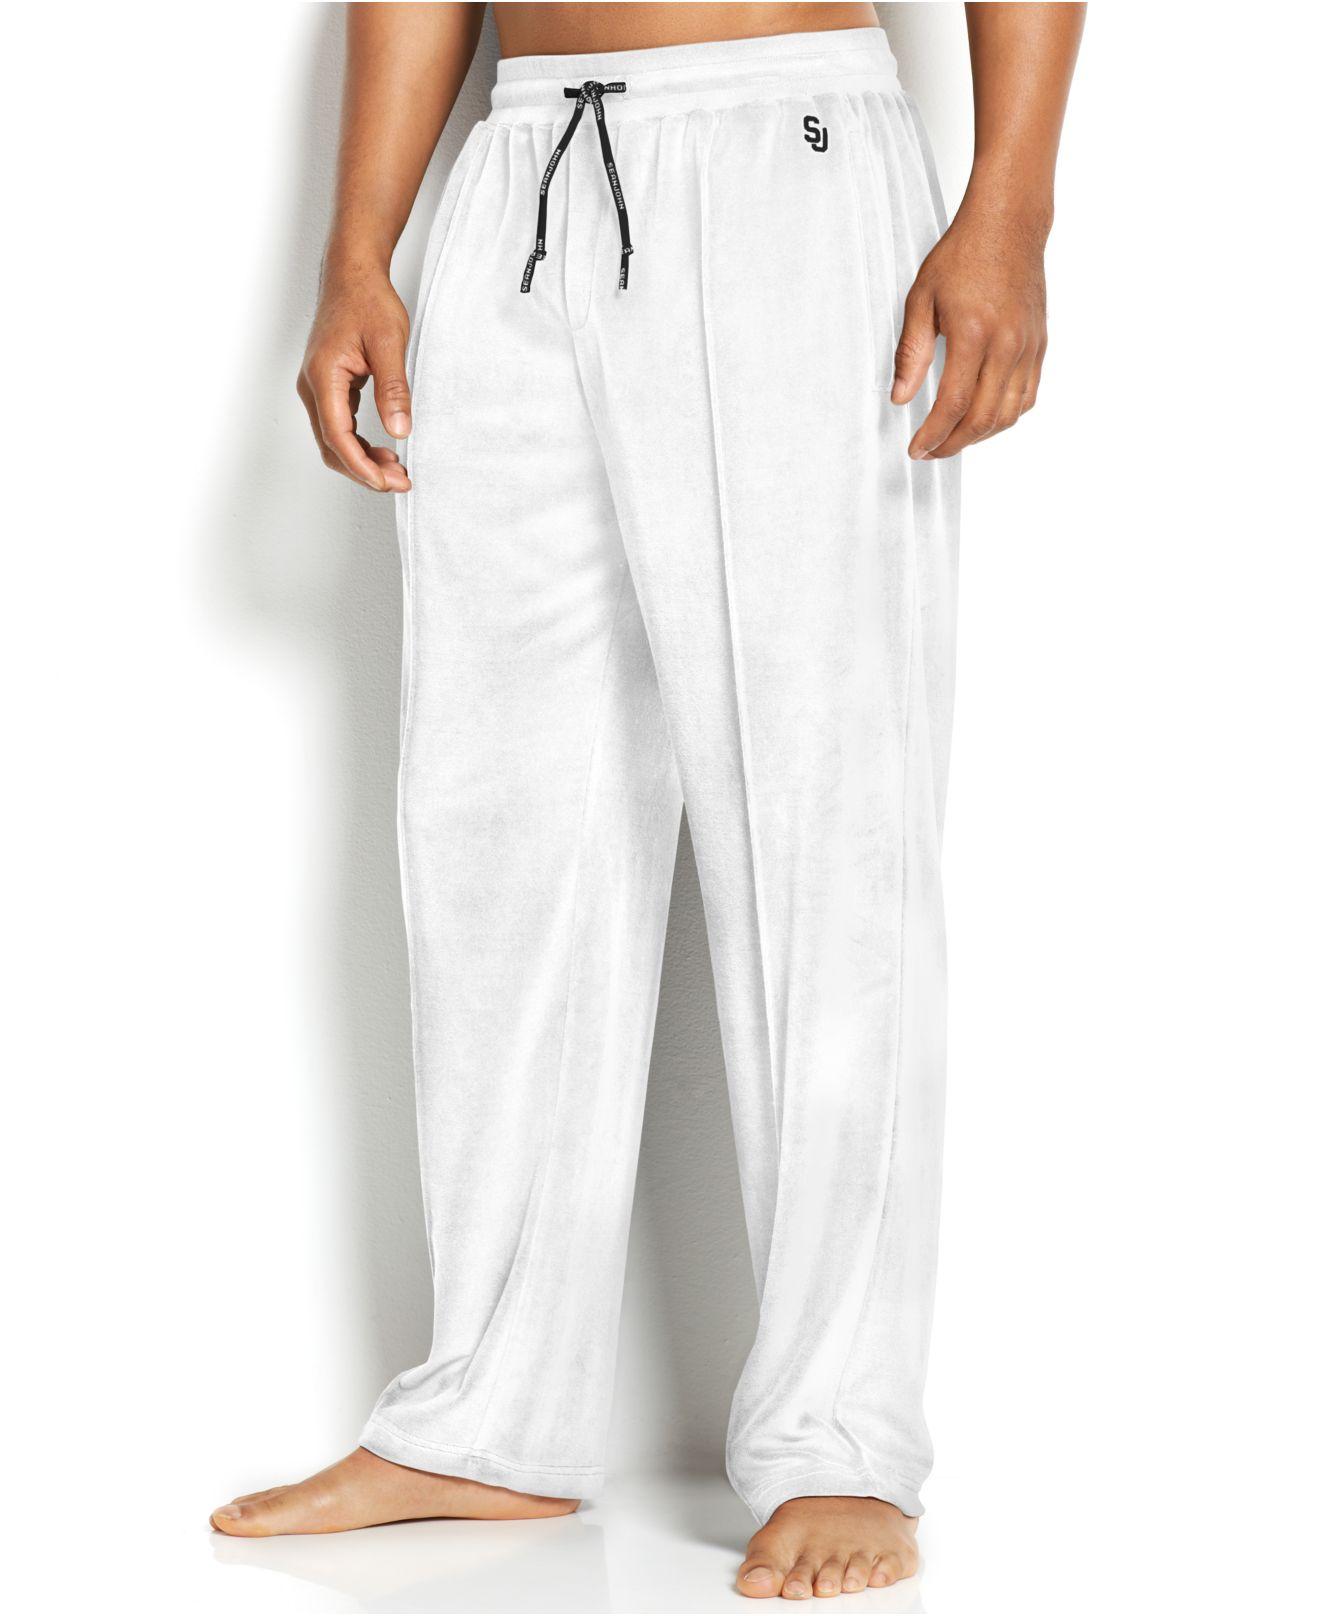 cheaper f328b c2208 Sean John Men S Velour Sweatpants in White for Men - Lyst